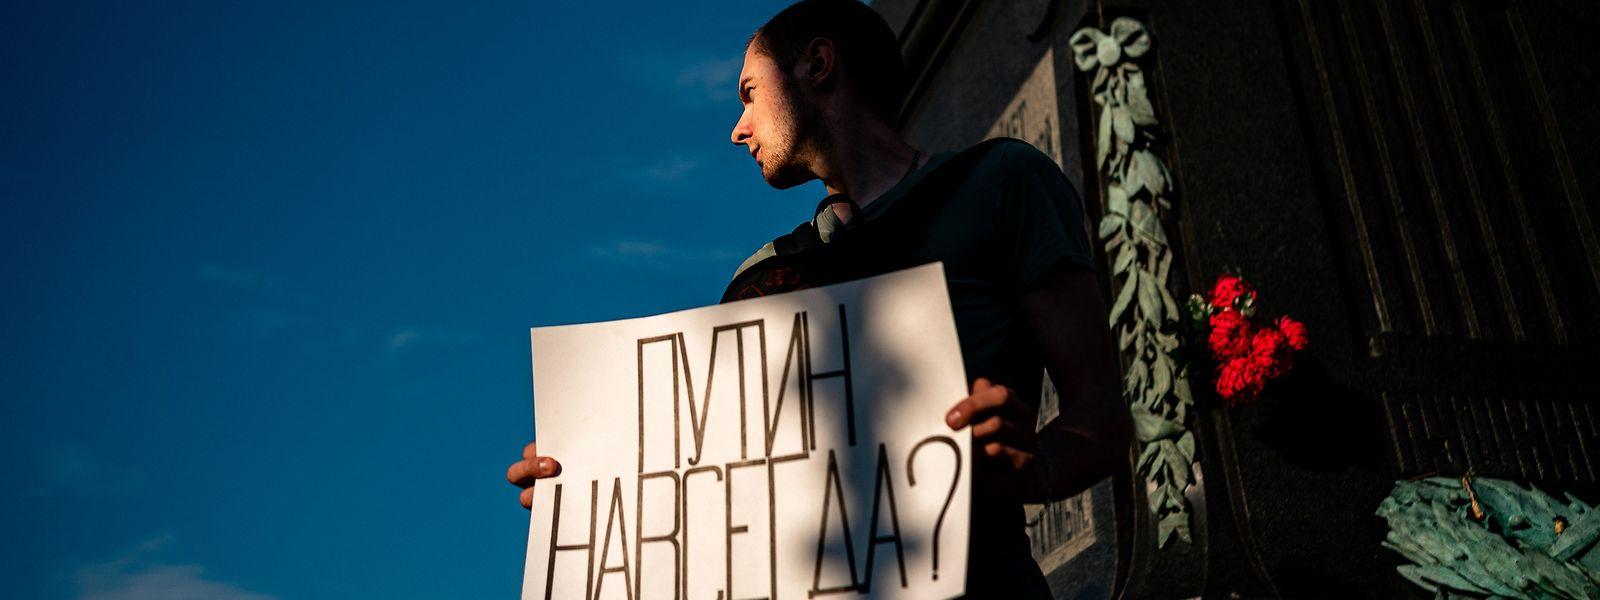 Un manifestant brandit une pancarte sur laquelle est inscrit «Poutine est-il éternel?»